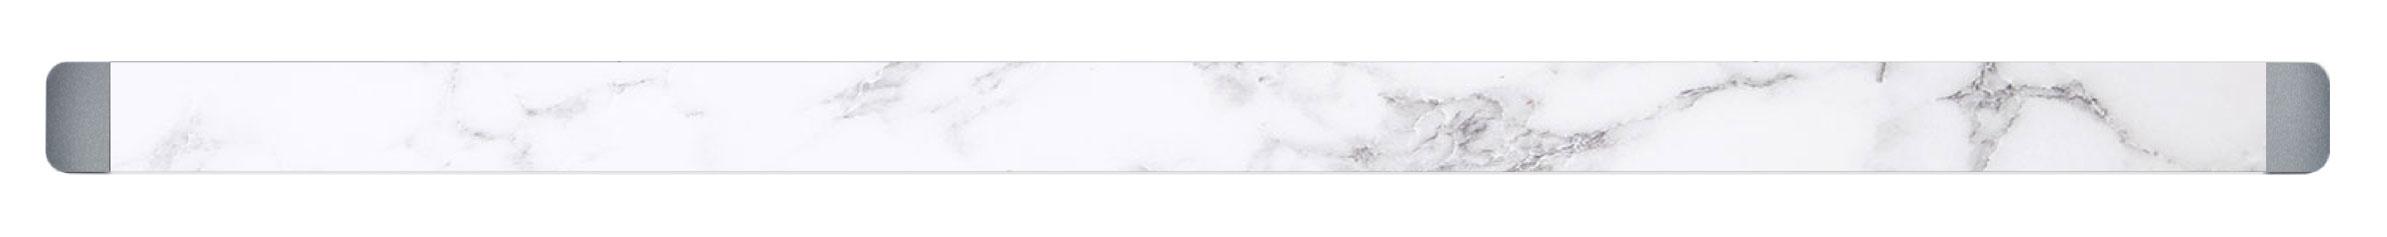 Stylecover Marmor weiß (Naturstein)